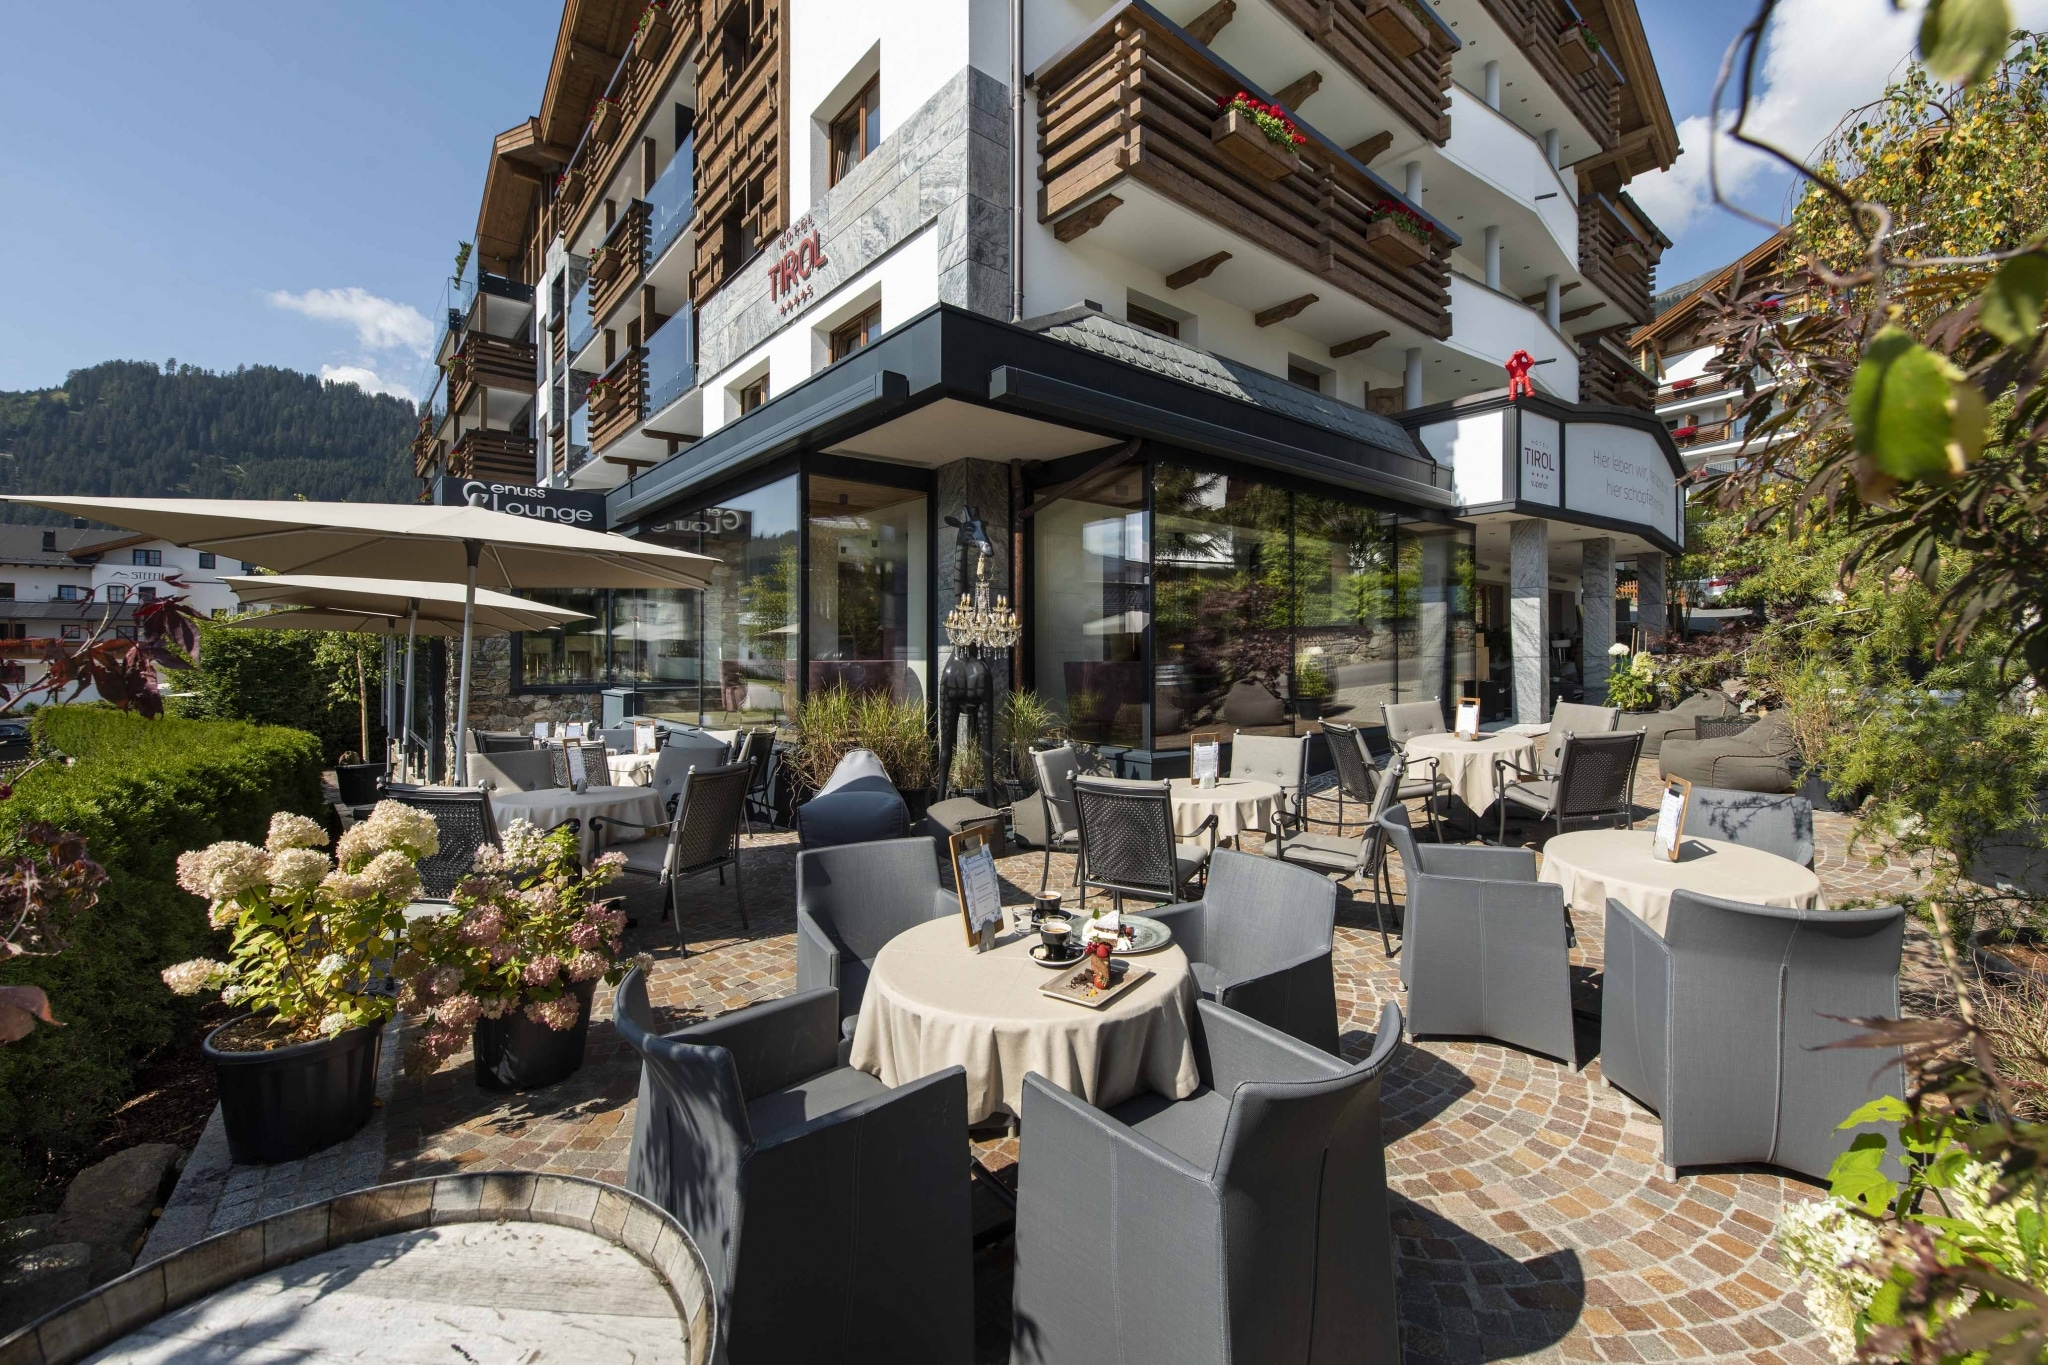 hotel-vorderfront-terrasse